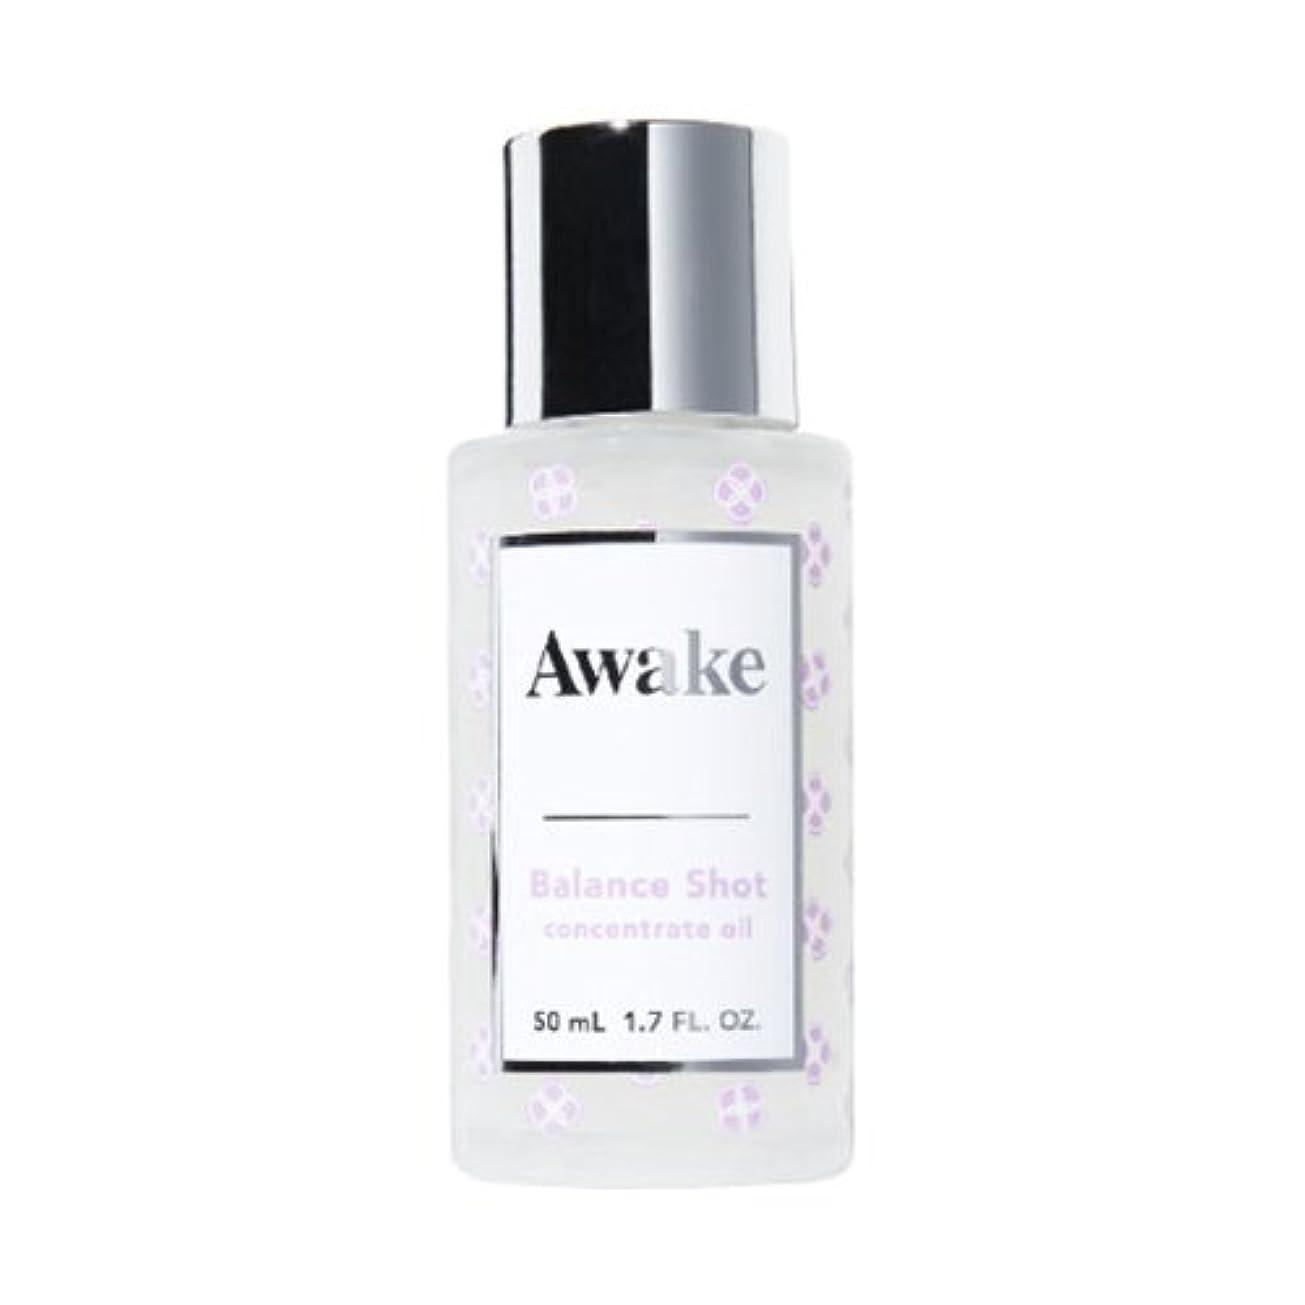 立ち寄る効能ある主張するアウェイク(AWAKE) Awake(アウェイク) バランスショット コ ンセントレイトオイル 〈美容オイル〉 (50mL)